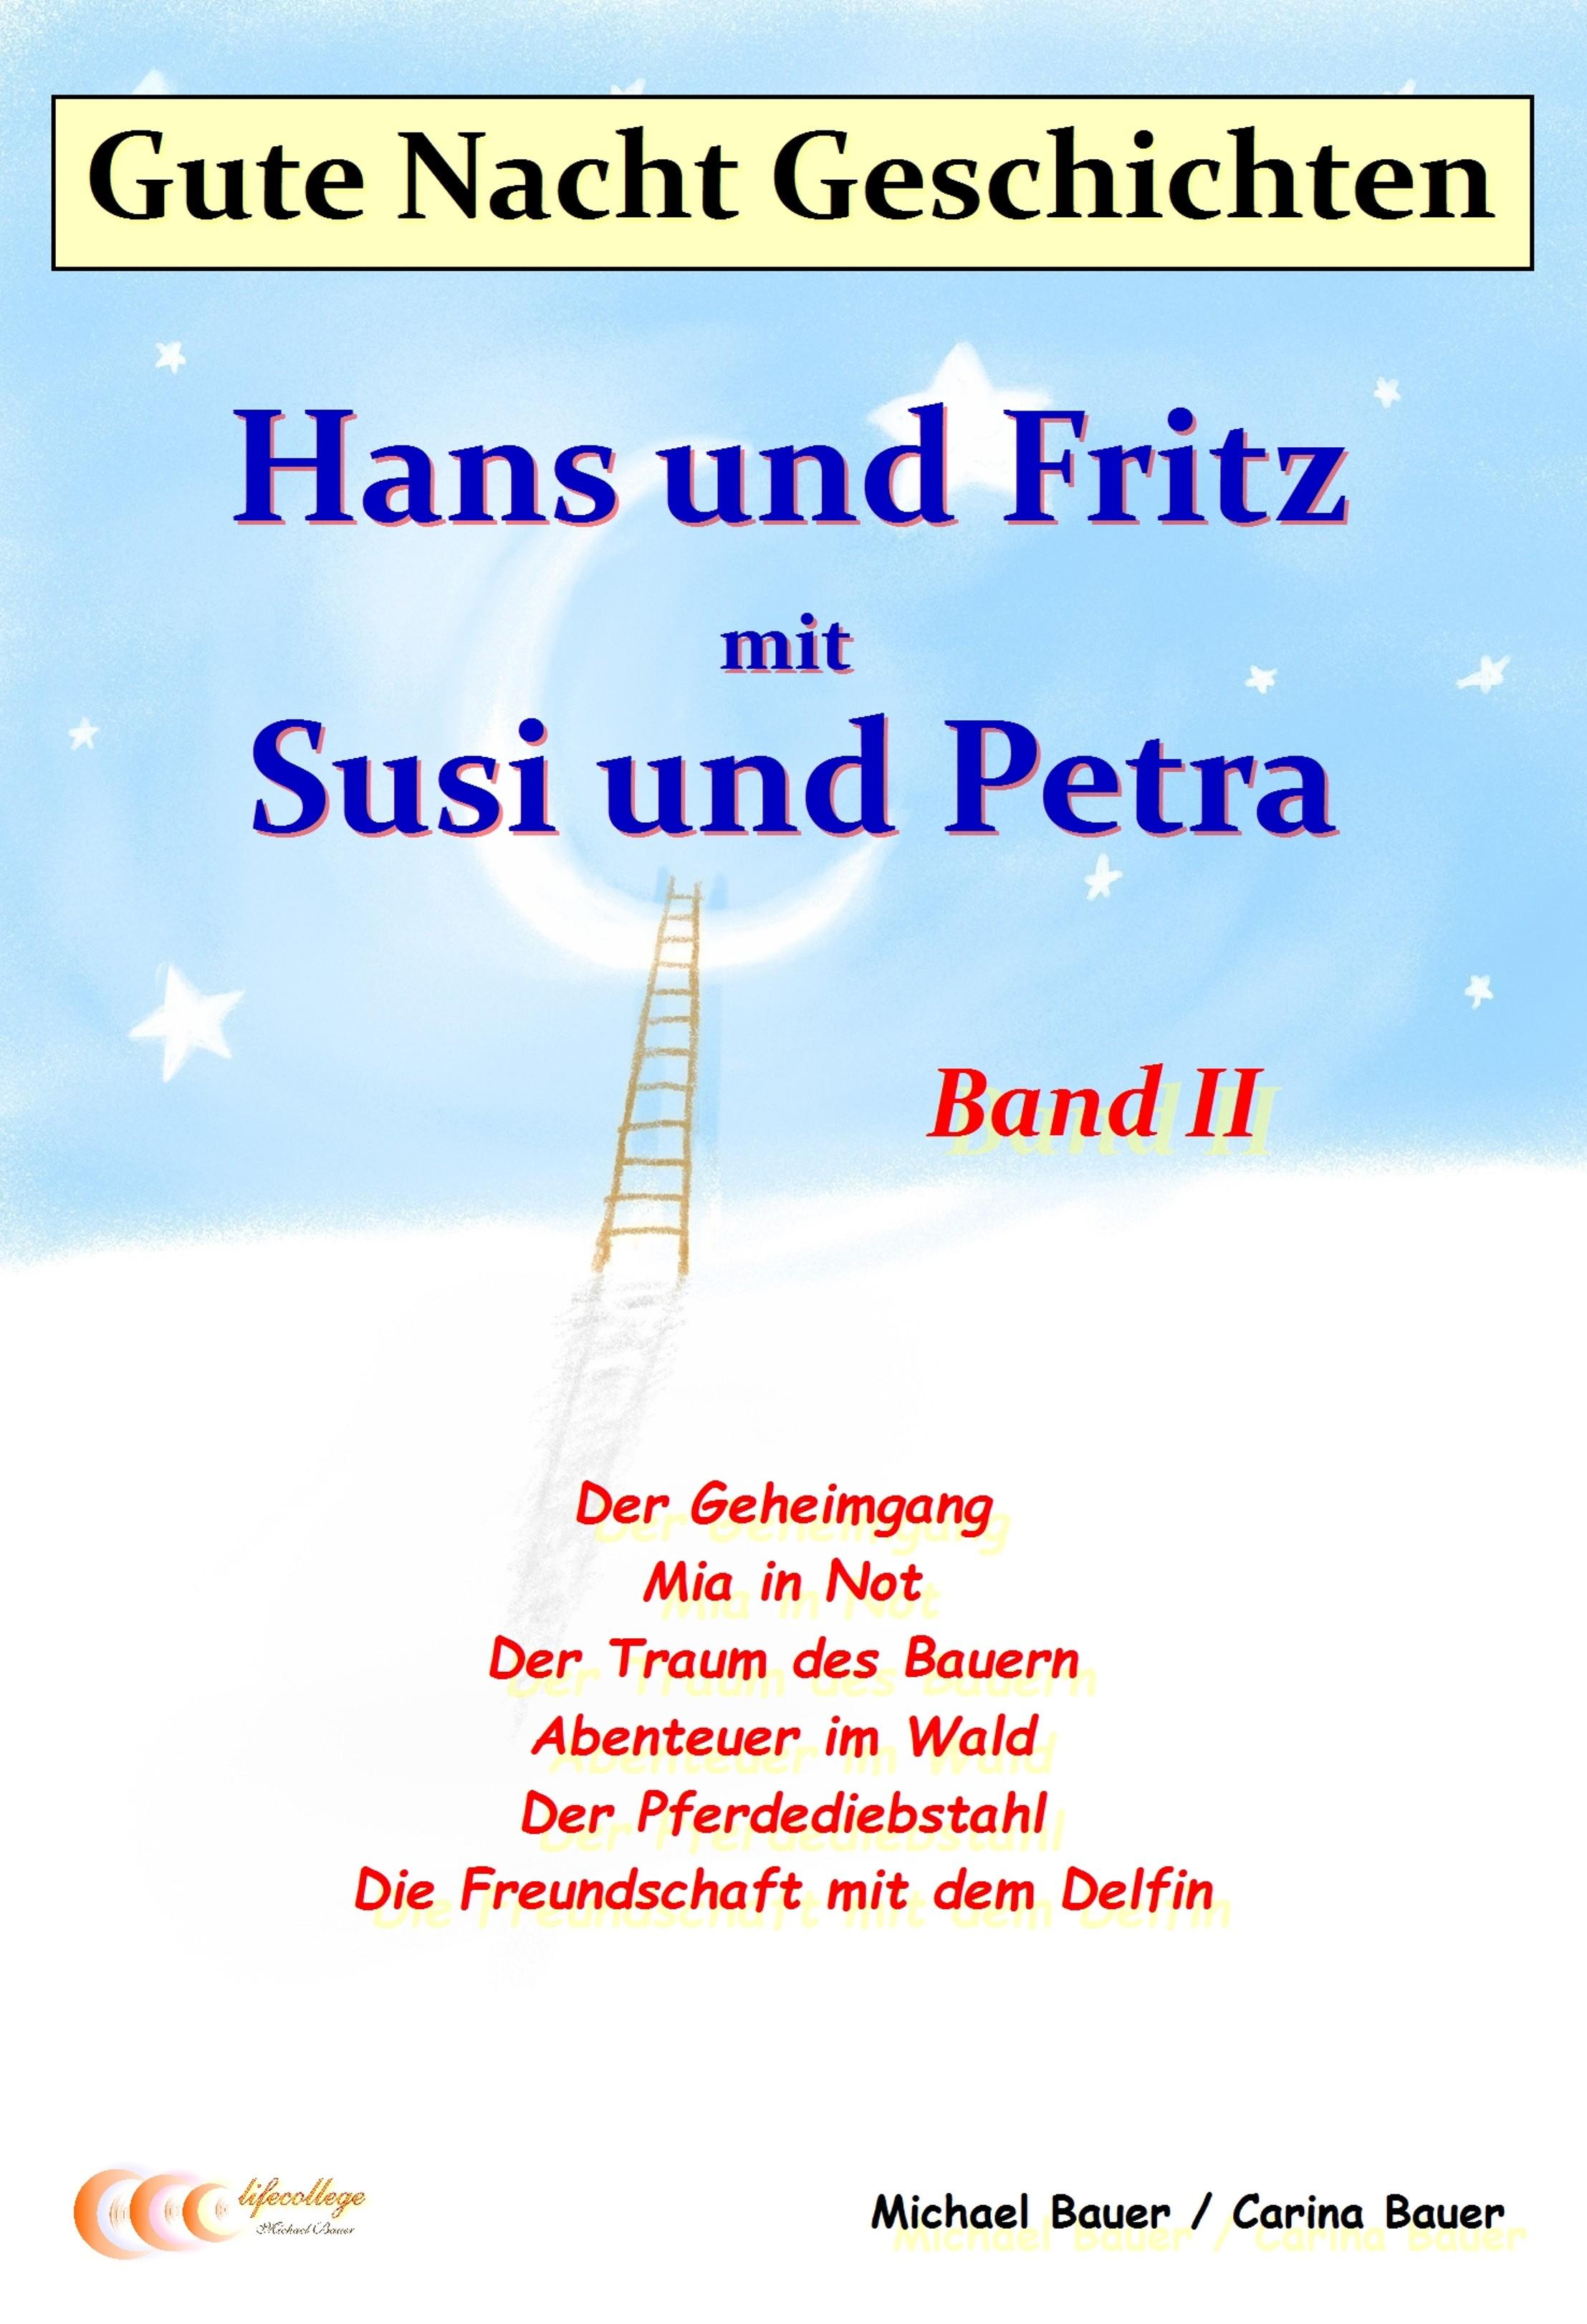 Michael Bauer Gute-Nacht-Geschichten: Hans und Fritz mit Susi und Petra - Band II